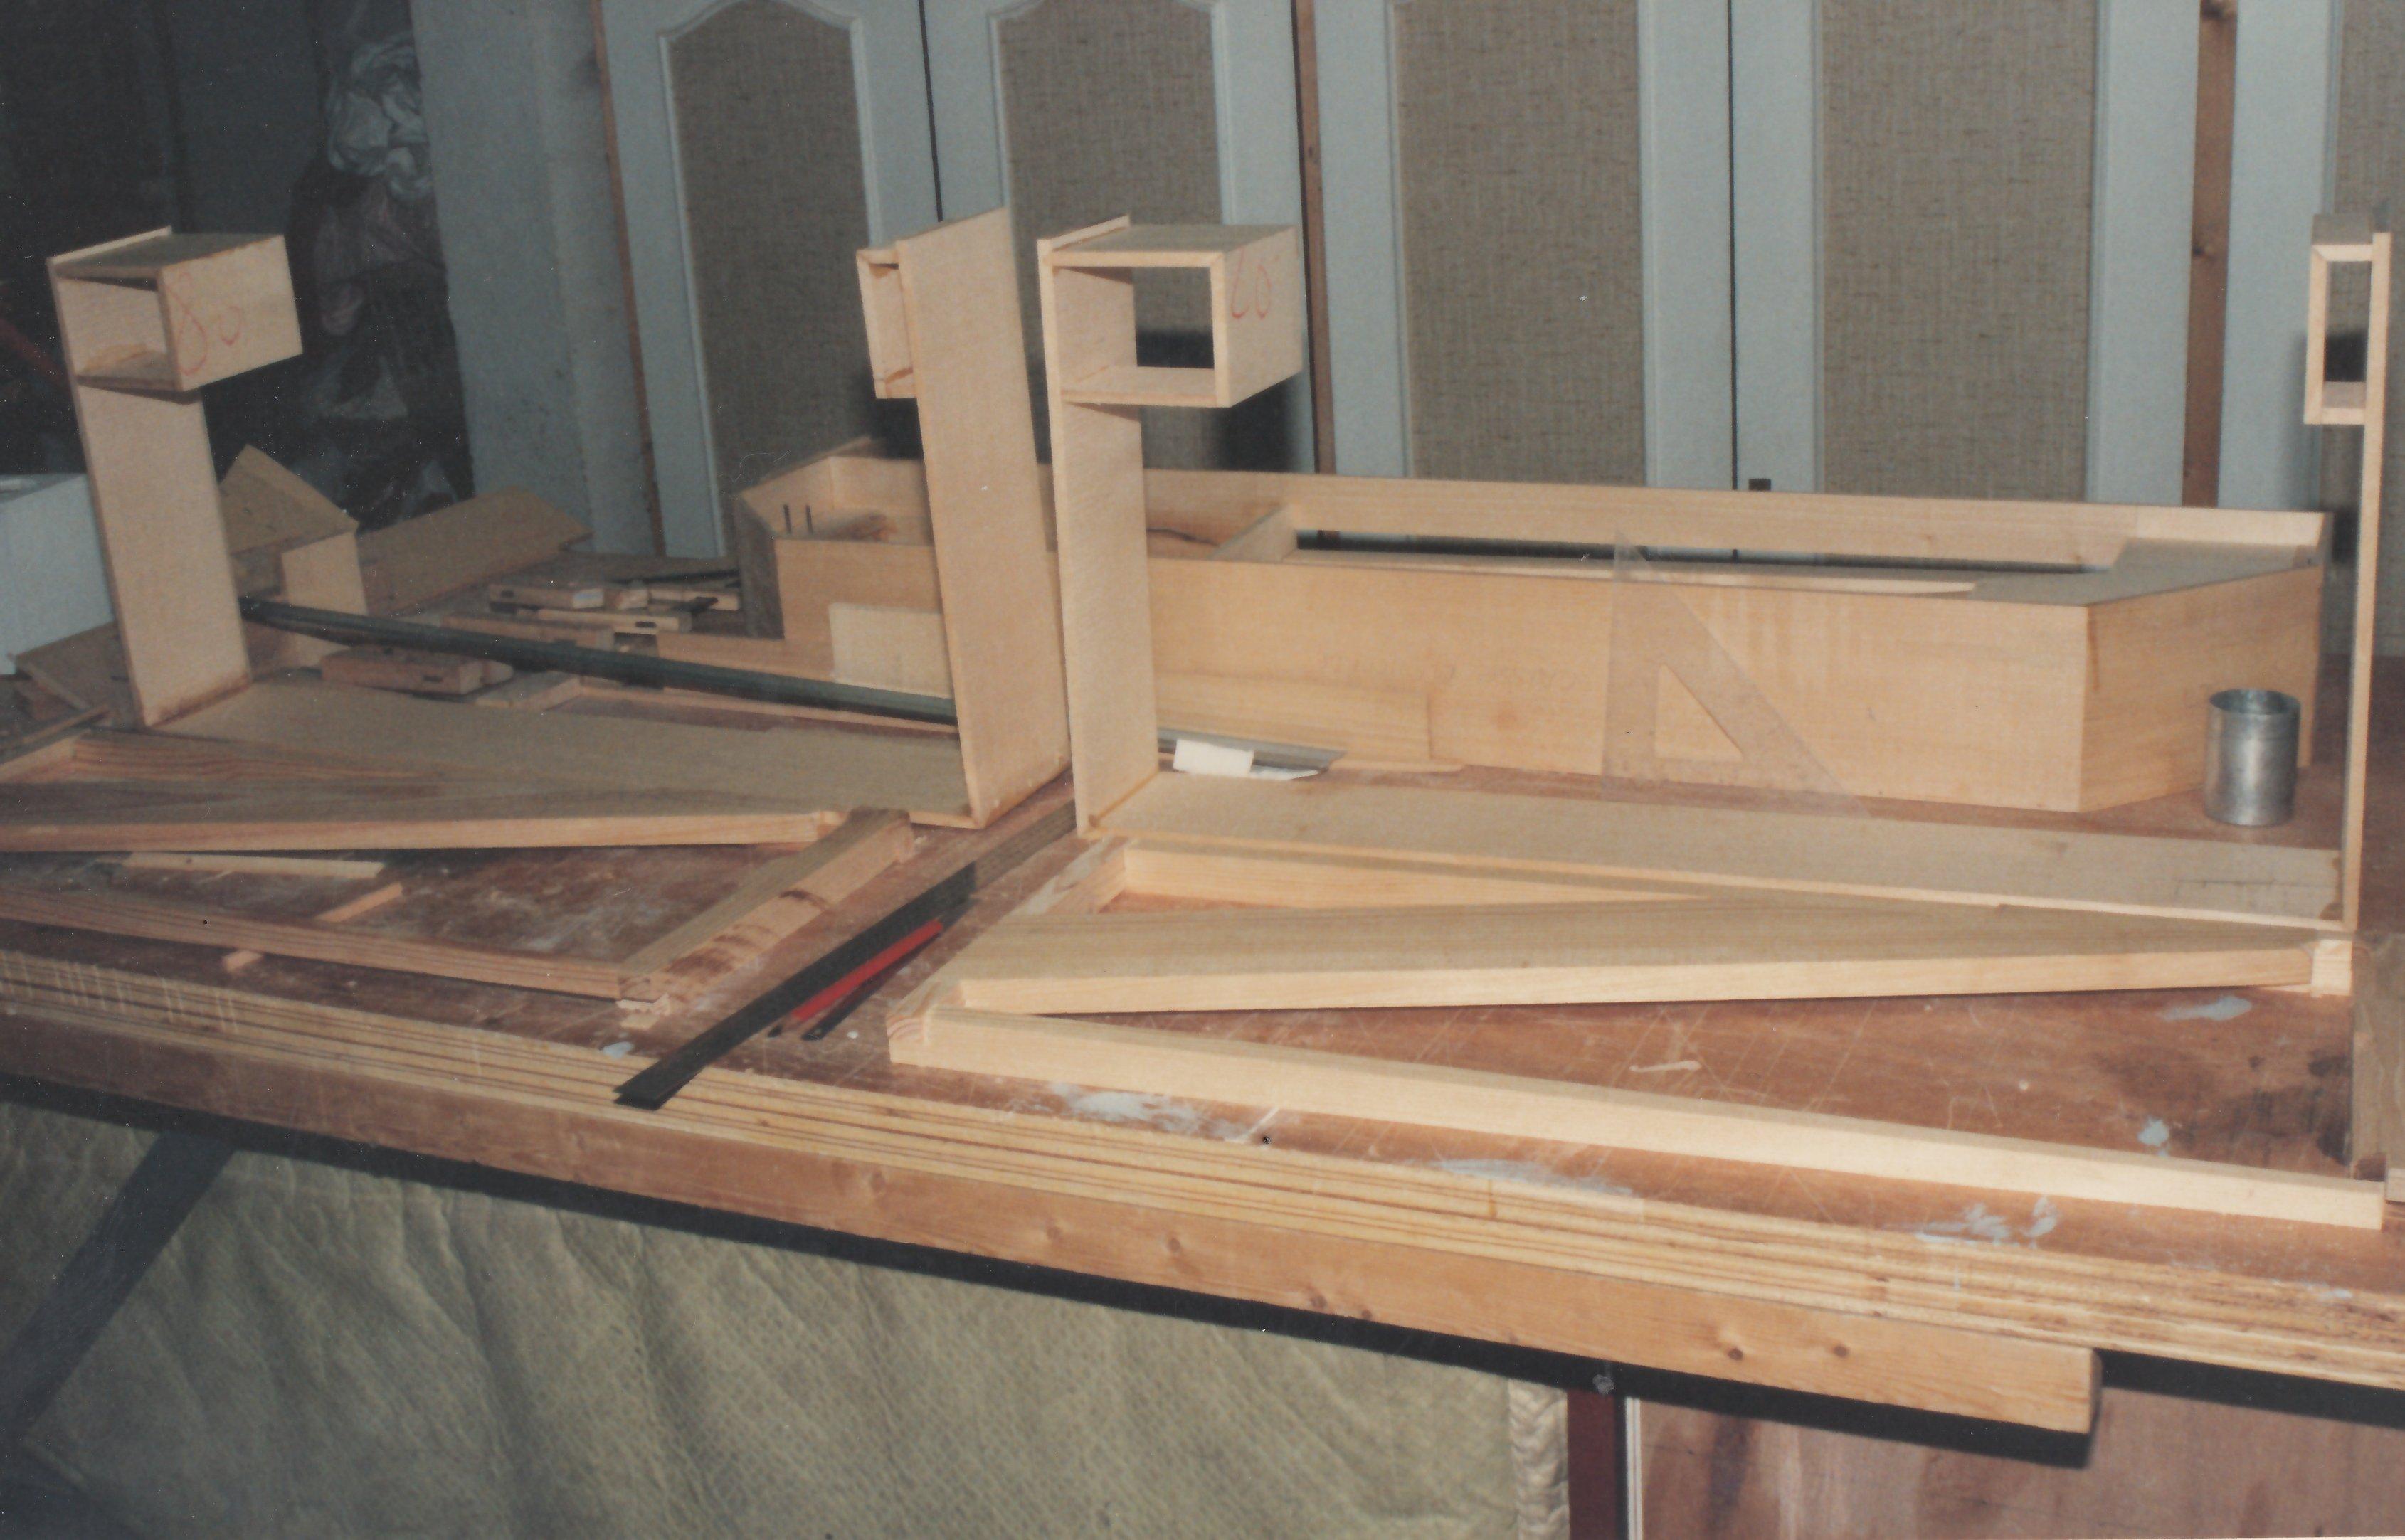 Fabrication d'instruments de musique anciens de bgire - Page 2 20030510290523134916674673